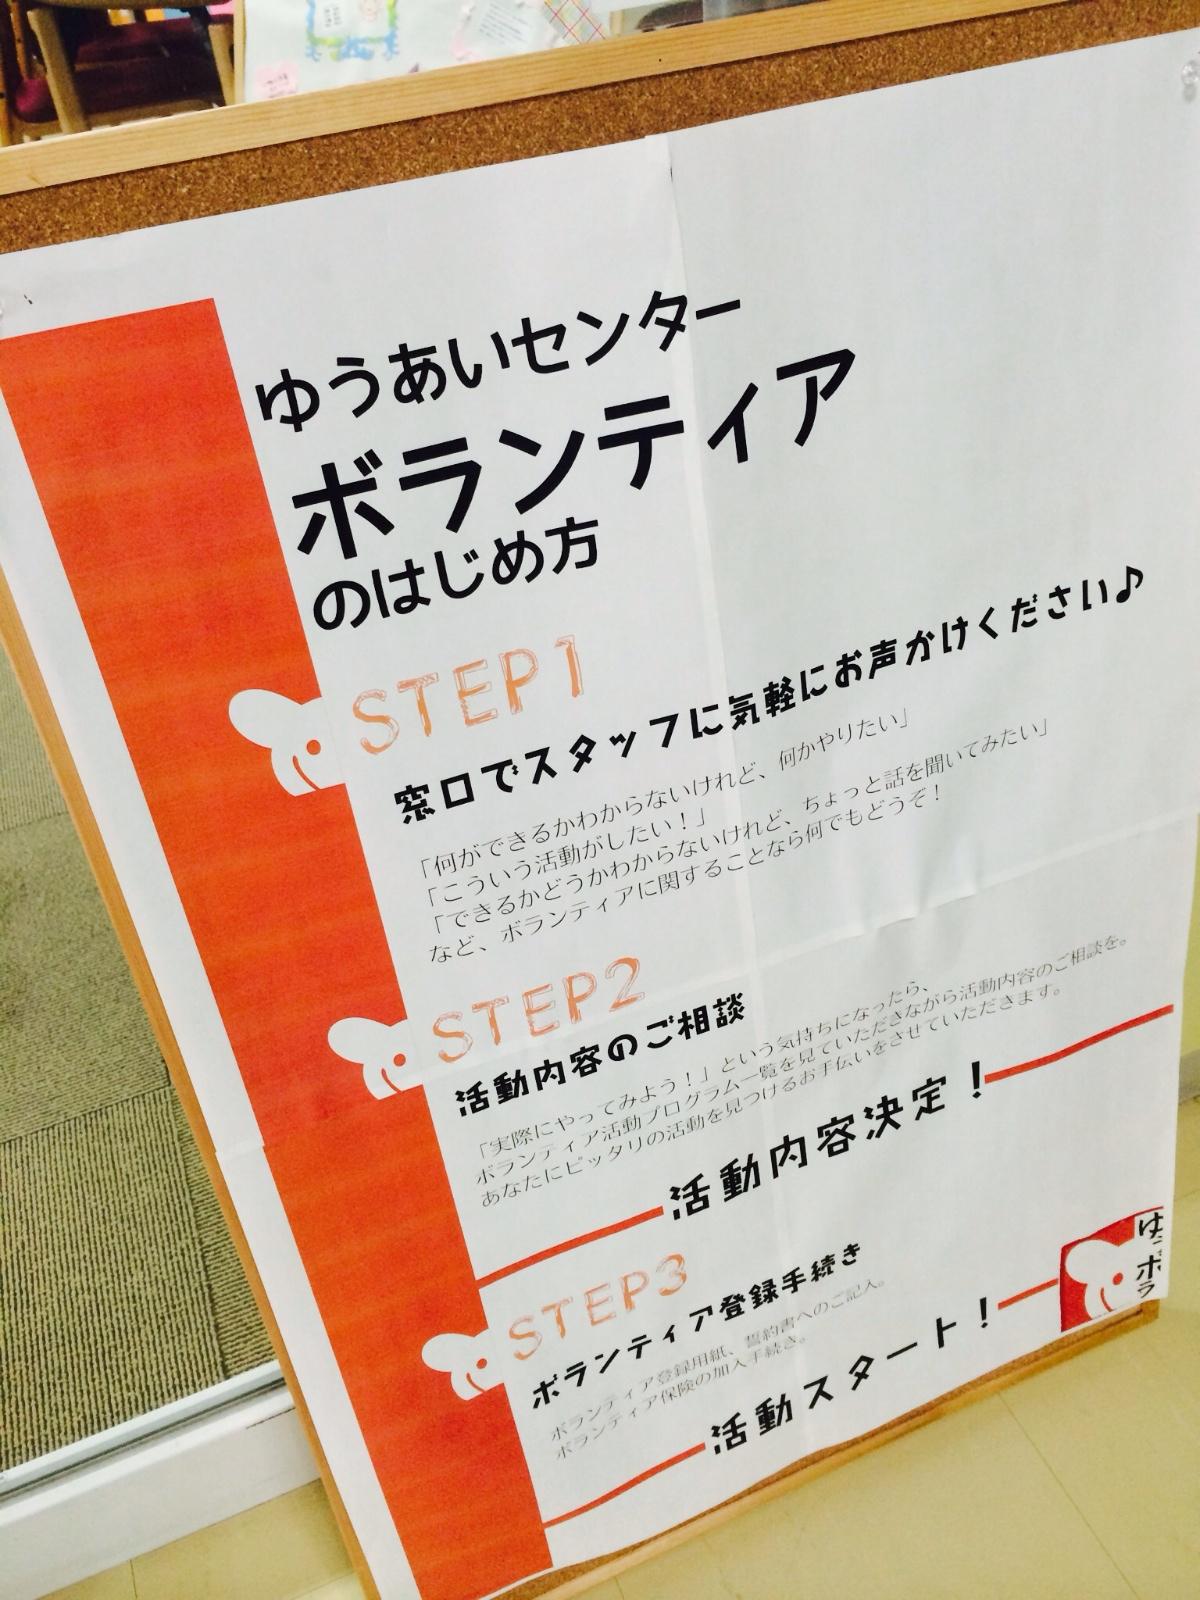 【ボランティア体験記】ボランティア活動の思い出